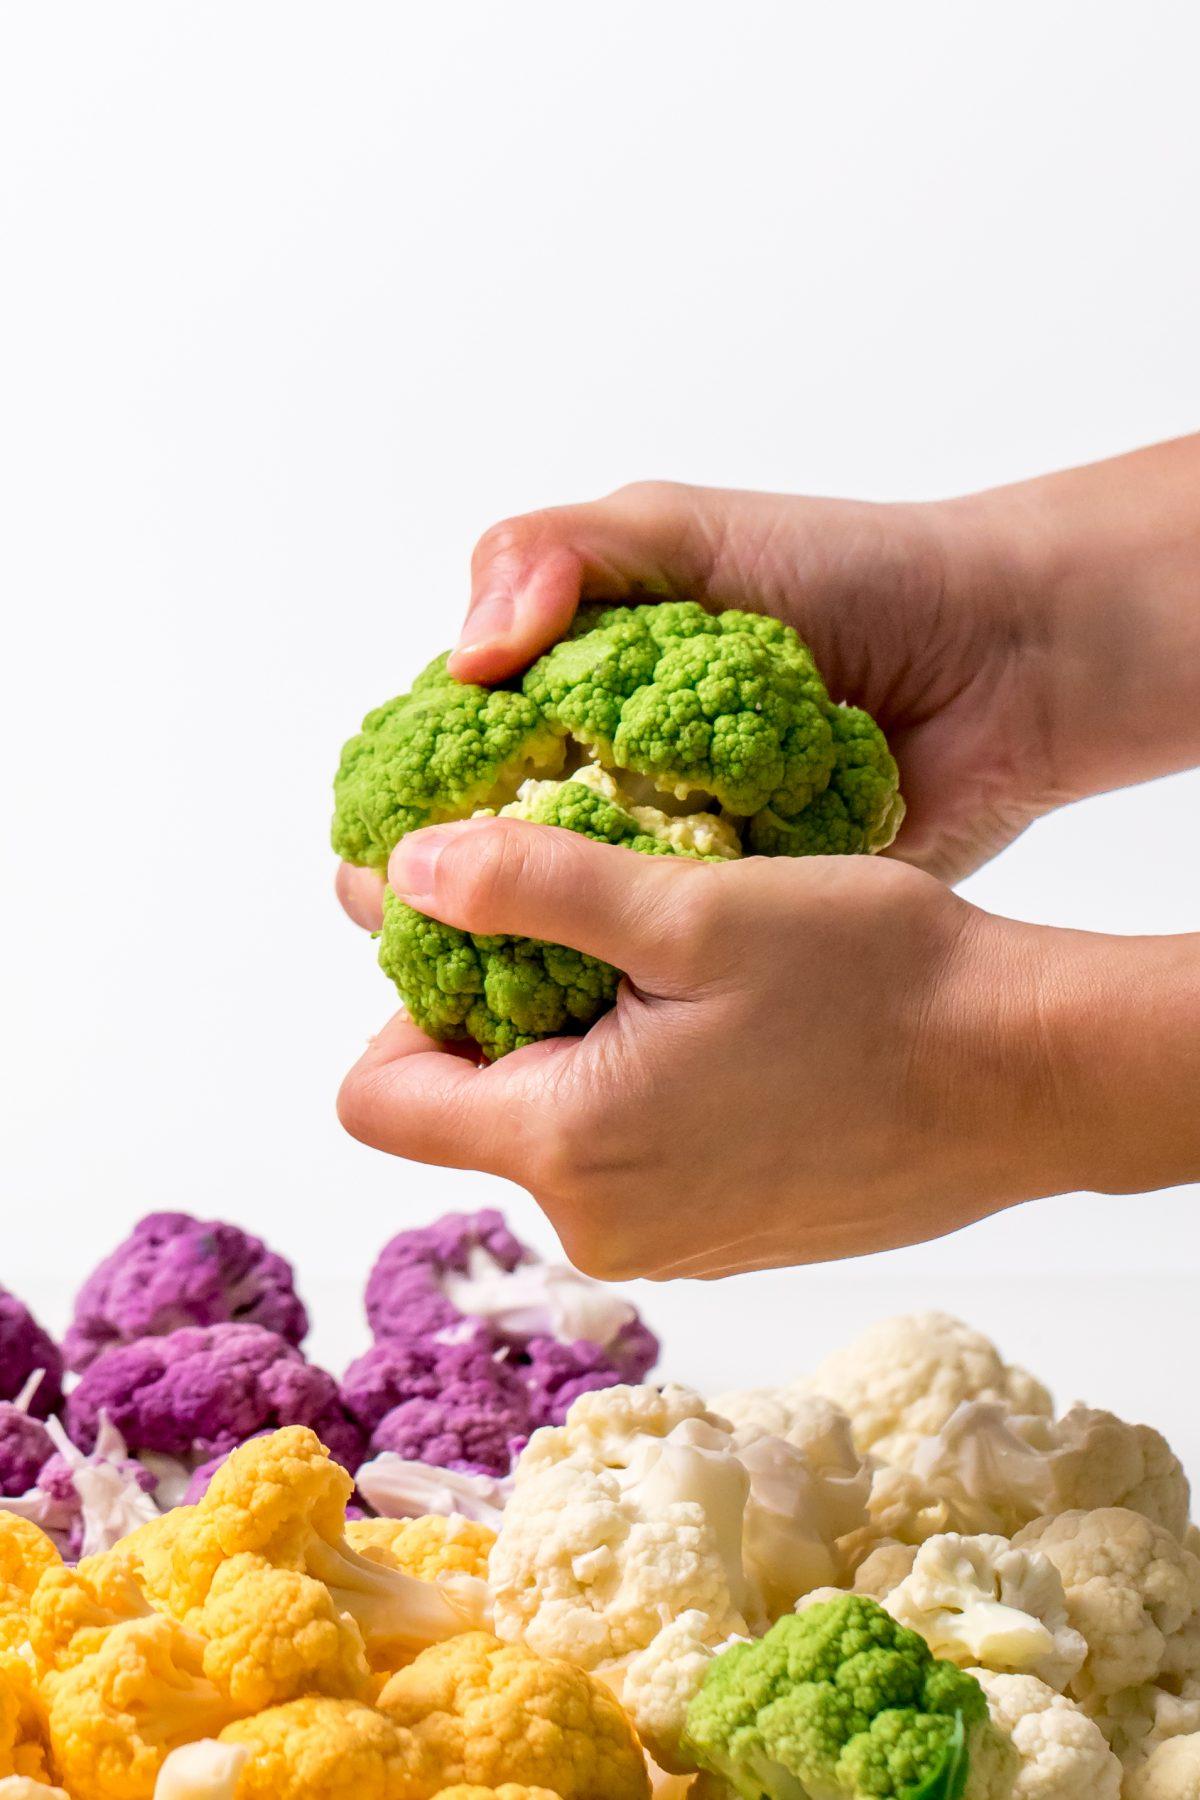 5D4B2073 - Farmer's Market Cauliflower Salad